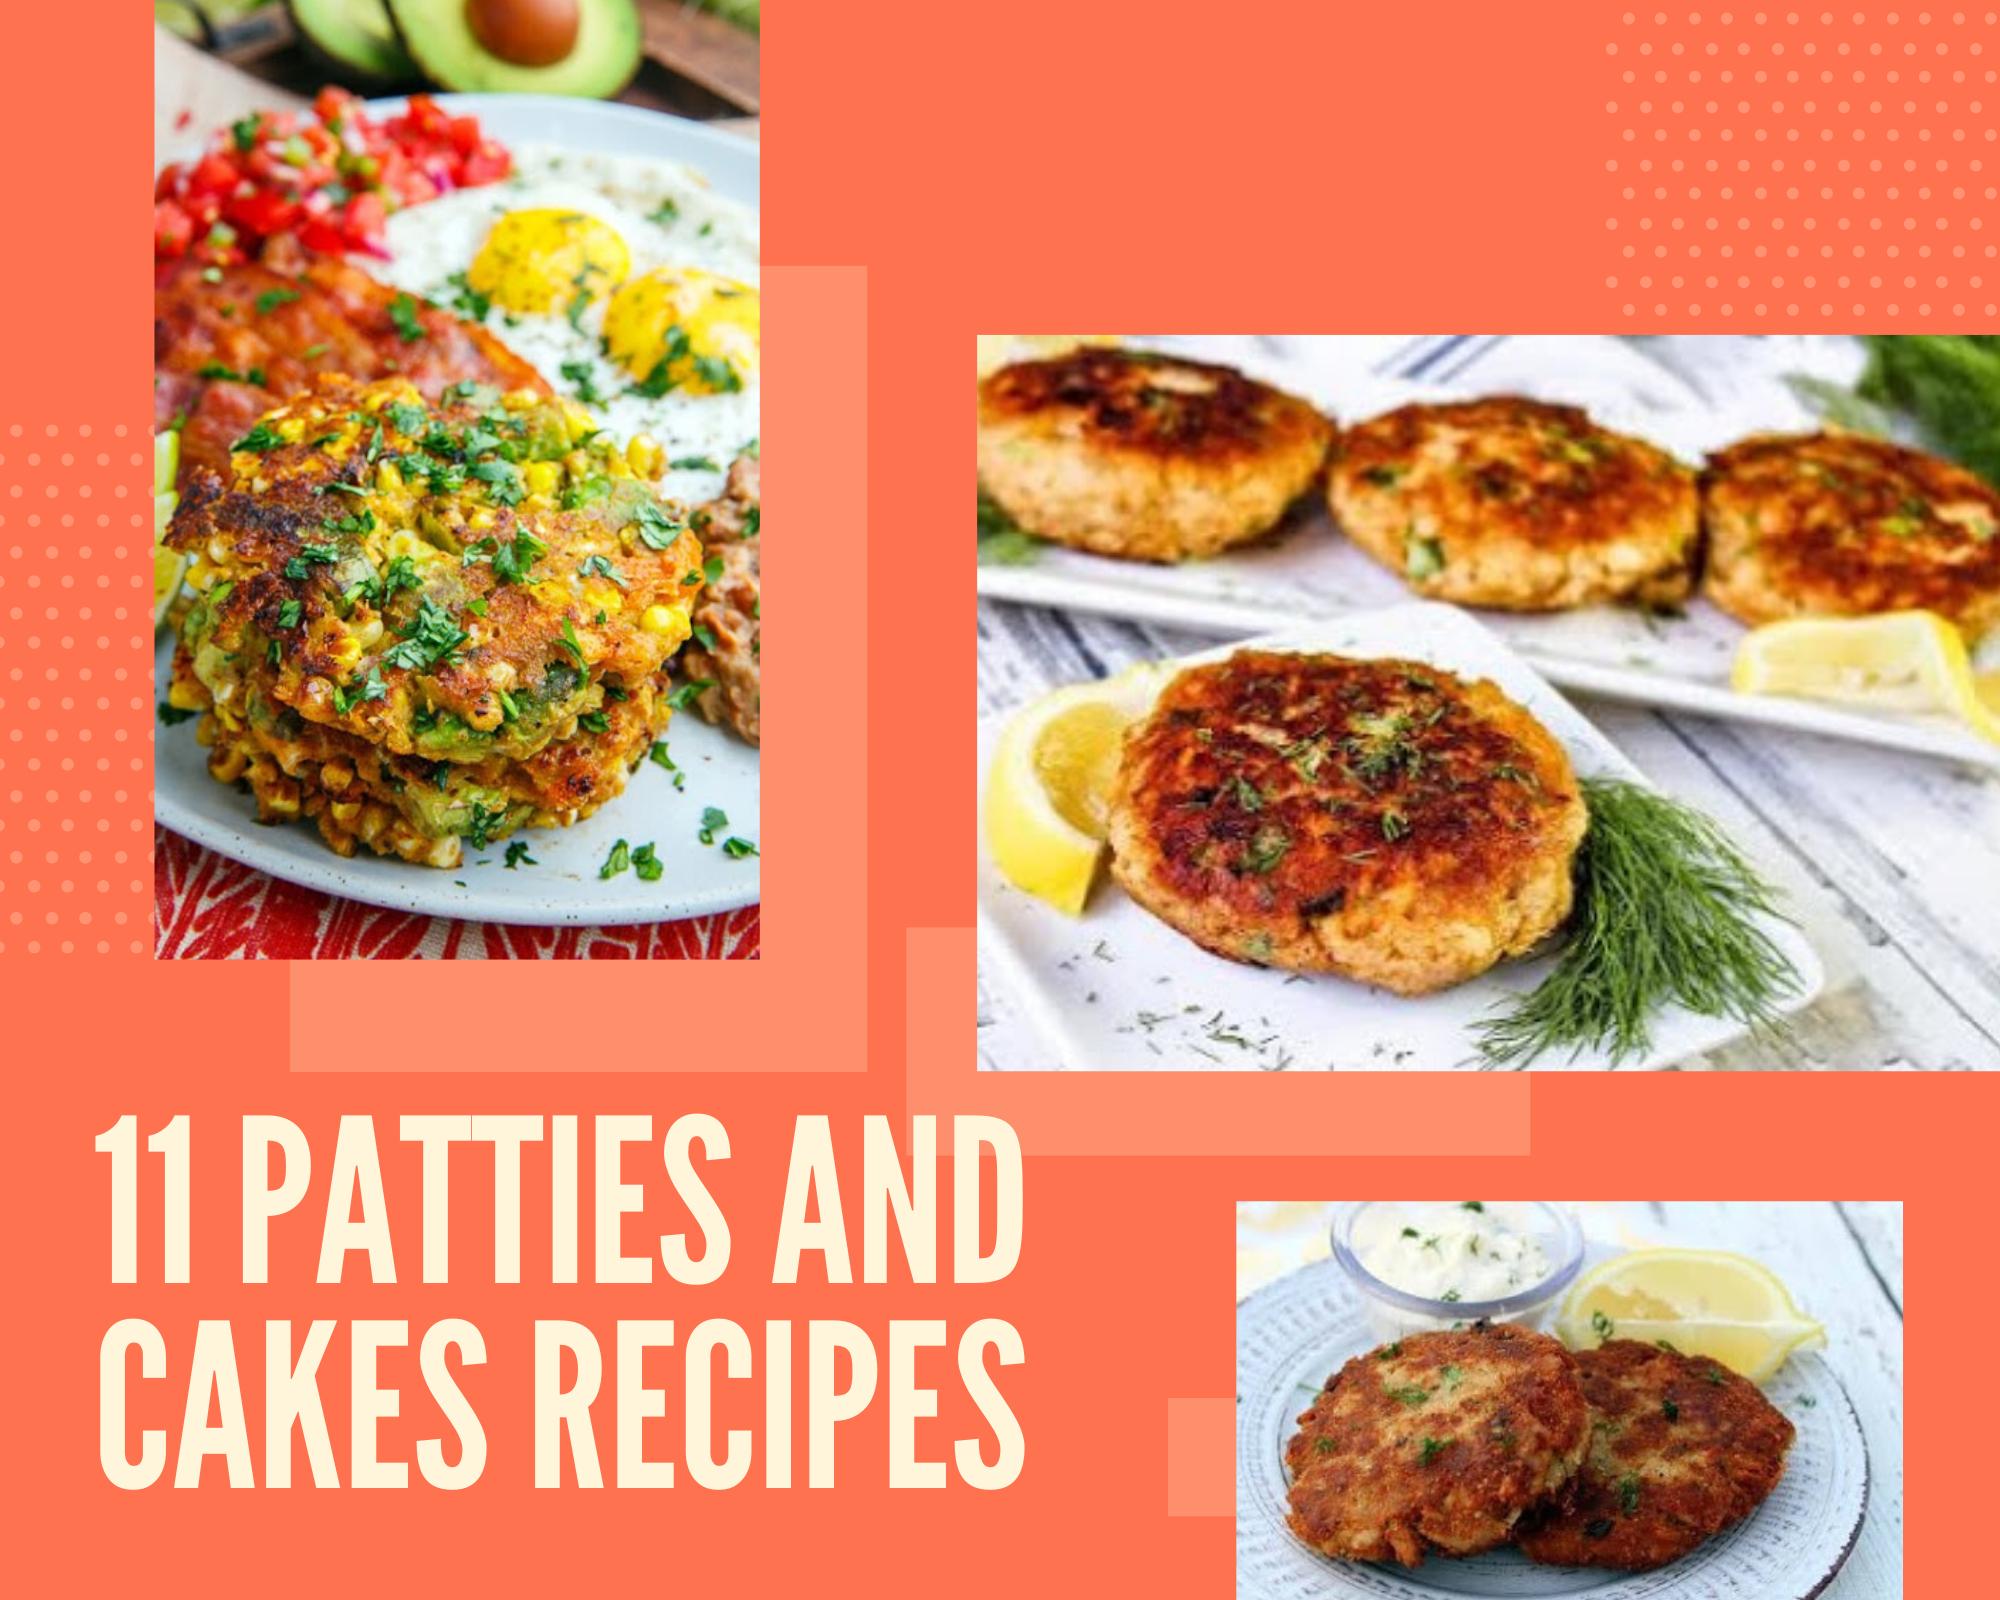 Tuna patties, salmon patties and corn cakes